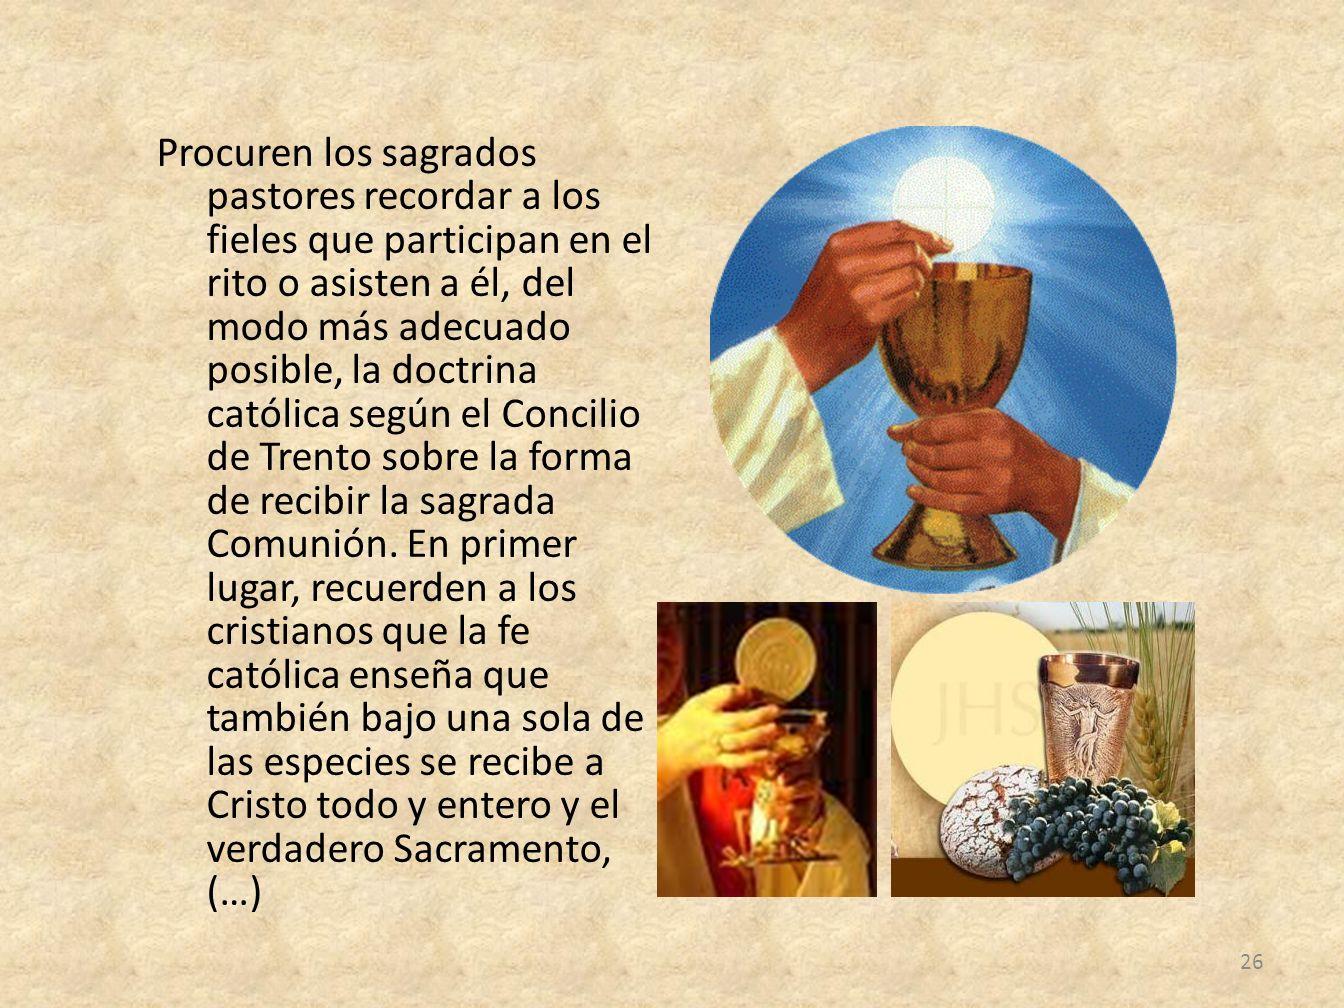 Procuren los sagrados pastores recordar a los fieles que participan en el rito o asisten a él, del modo más adecuado posible, la doctrina católica según el Concilio de Trento sobre la forma de recibir la sagrada Comunión.